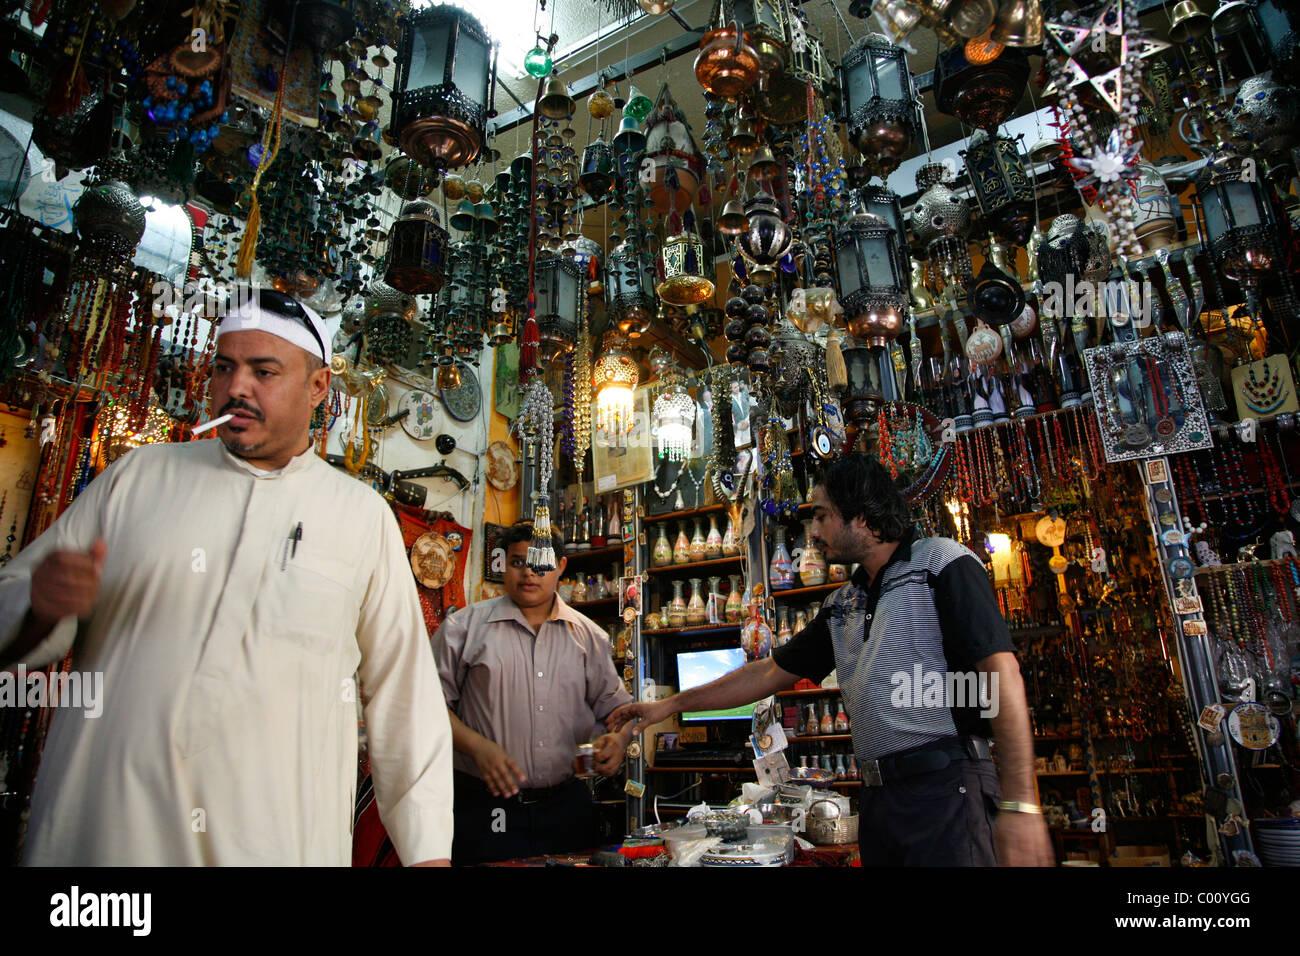 Perlengeschäft in Aqaba, Jordanien. Stockbild